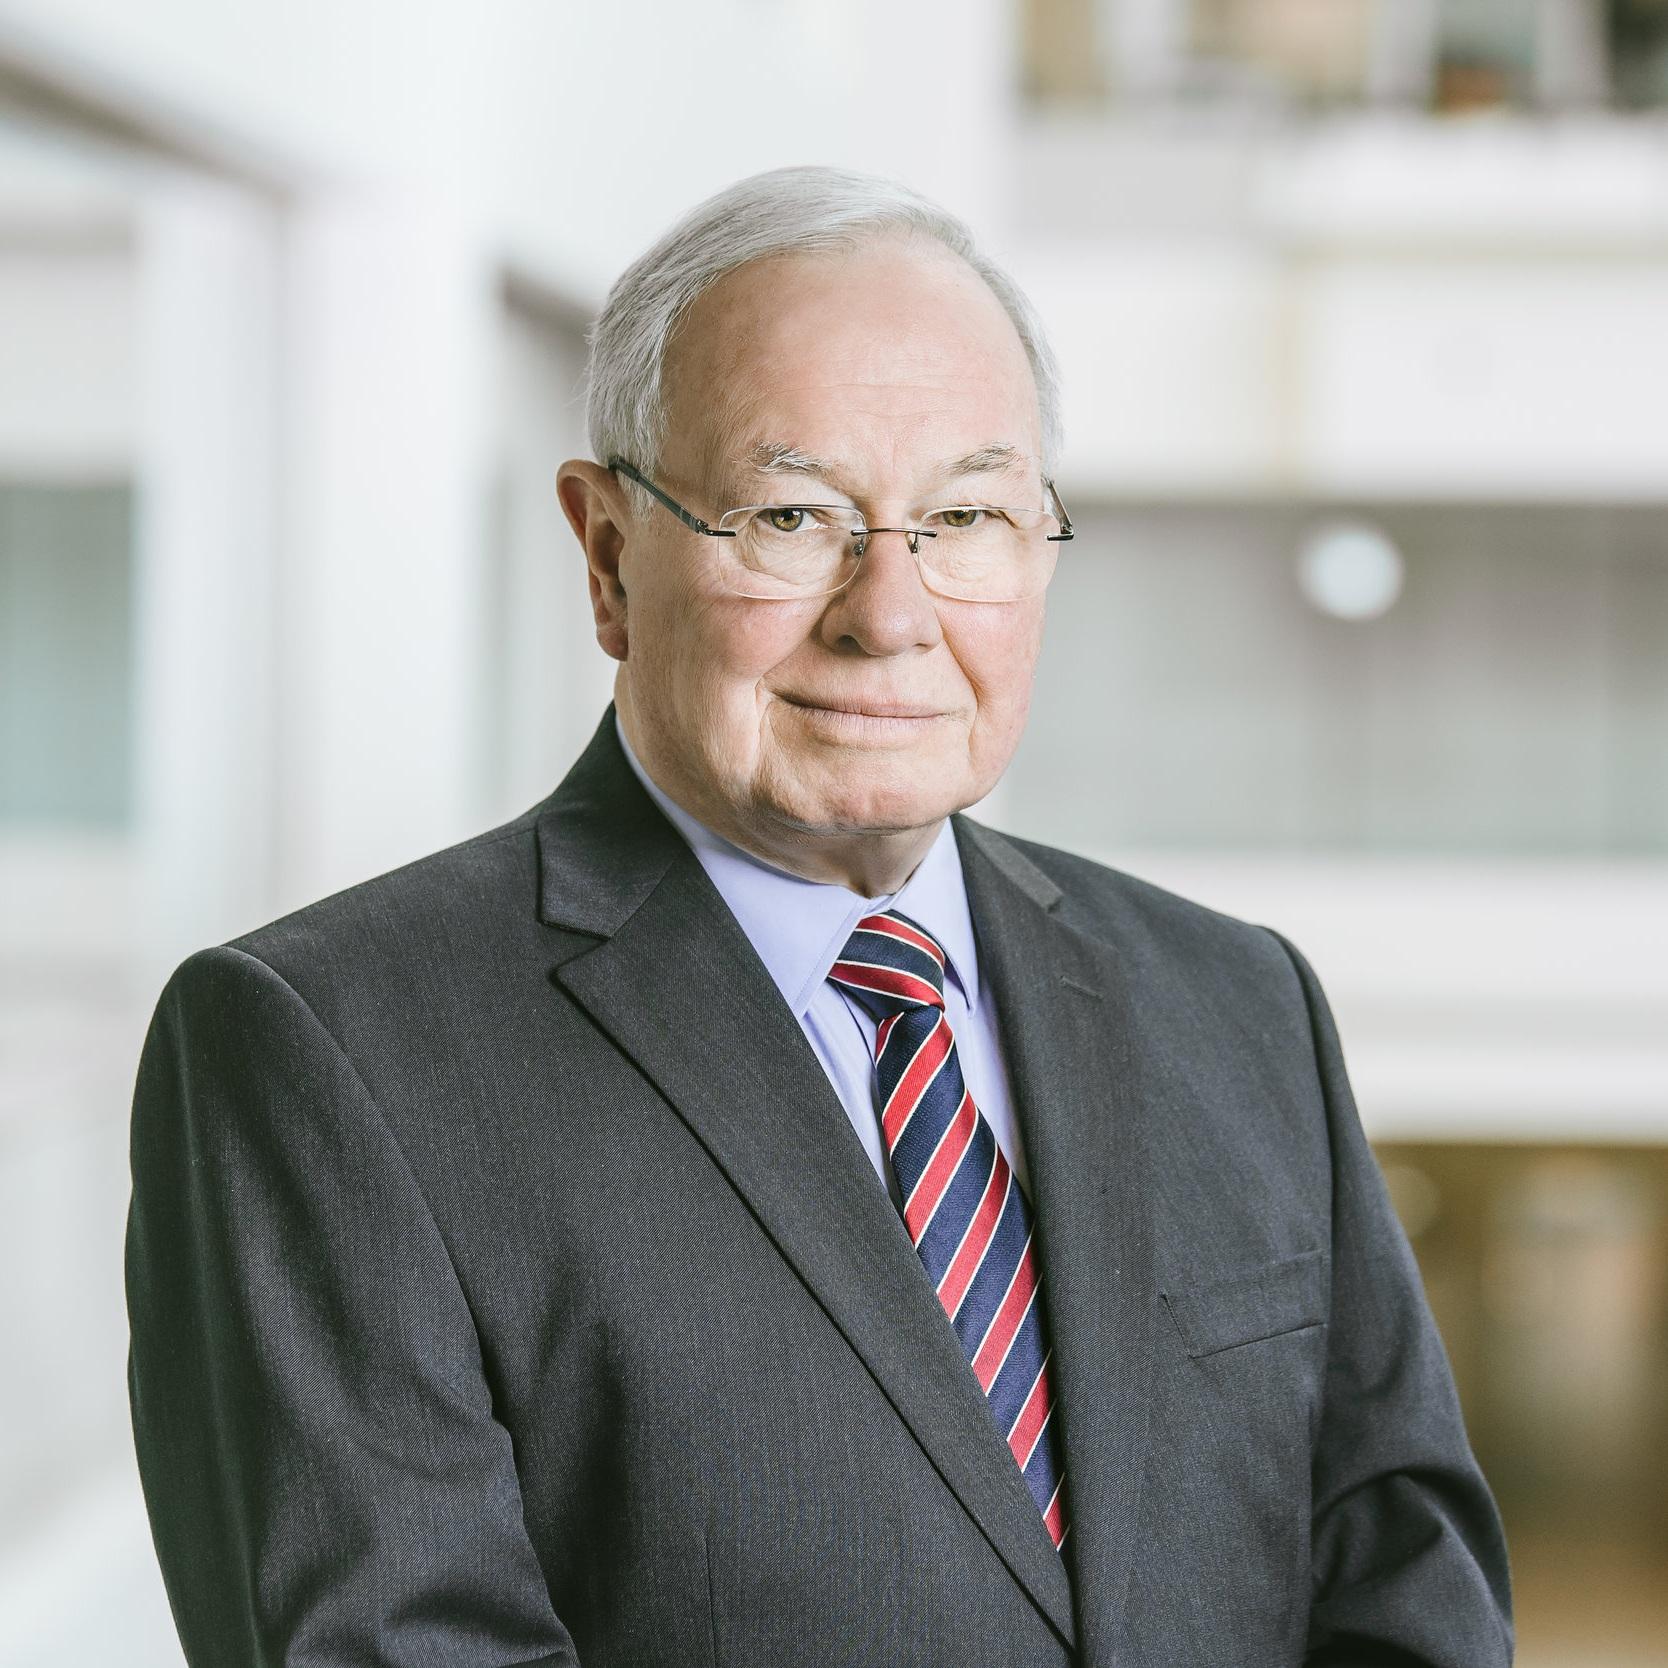 Bruce-Lander-Commissioner-ICAC-SA.jpg